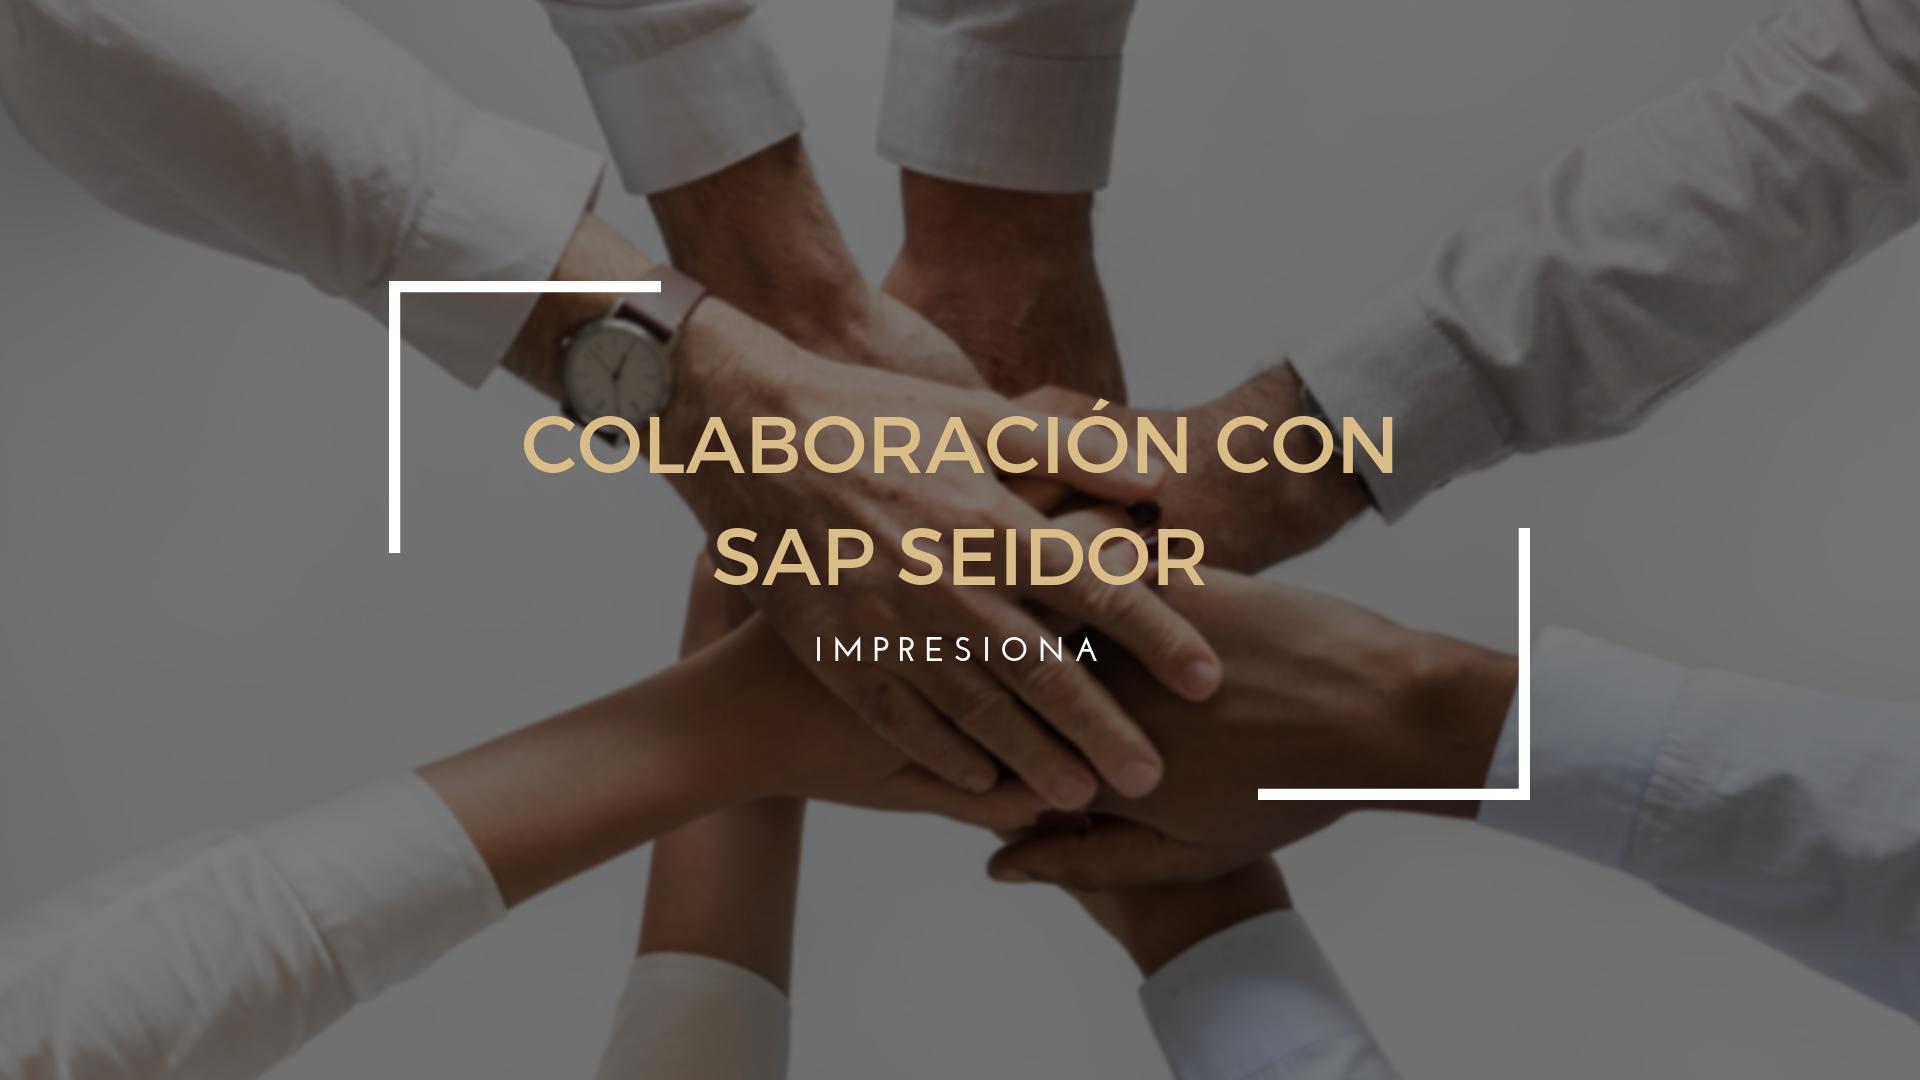 Grupo Impresiona y SAP SEIDOR firman un acuerdo de colaboración